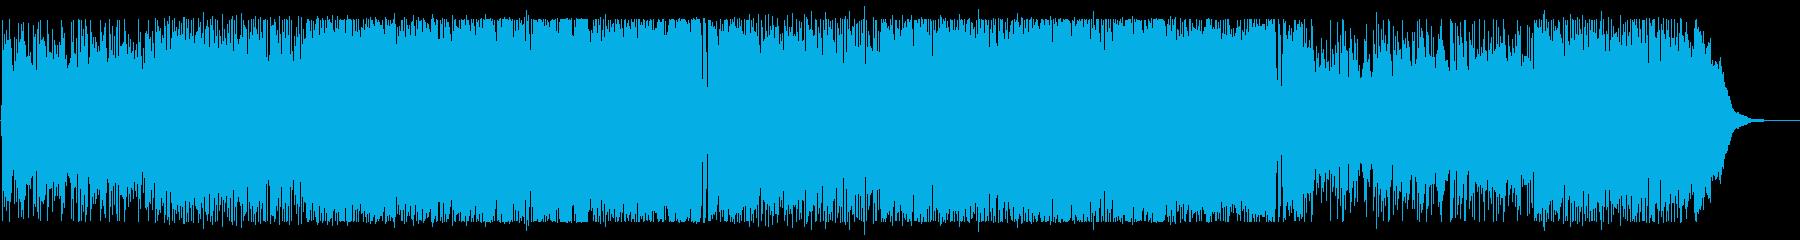 美しいメロディーのロマンチックなBGMの再生済みの波形